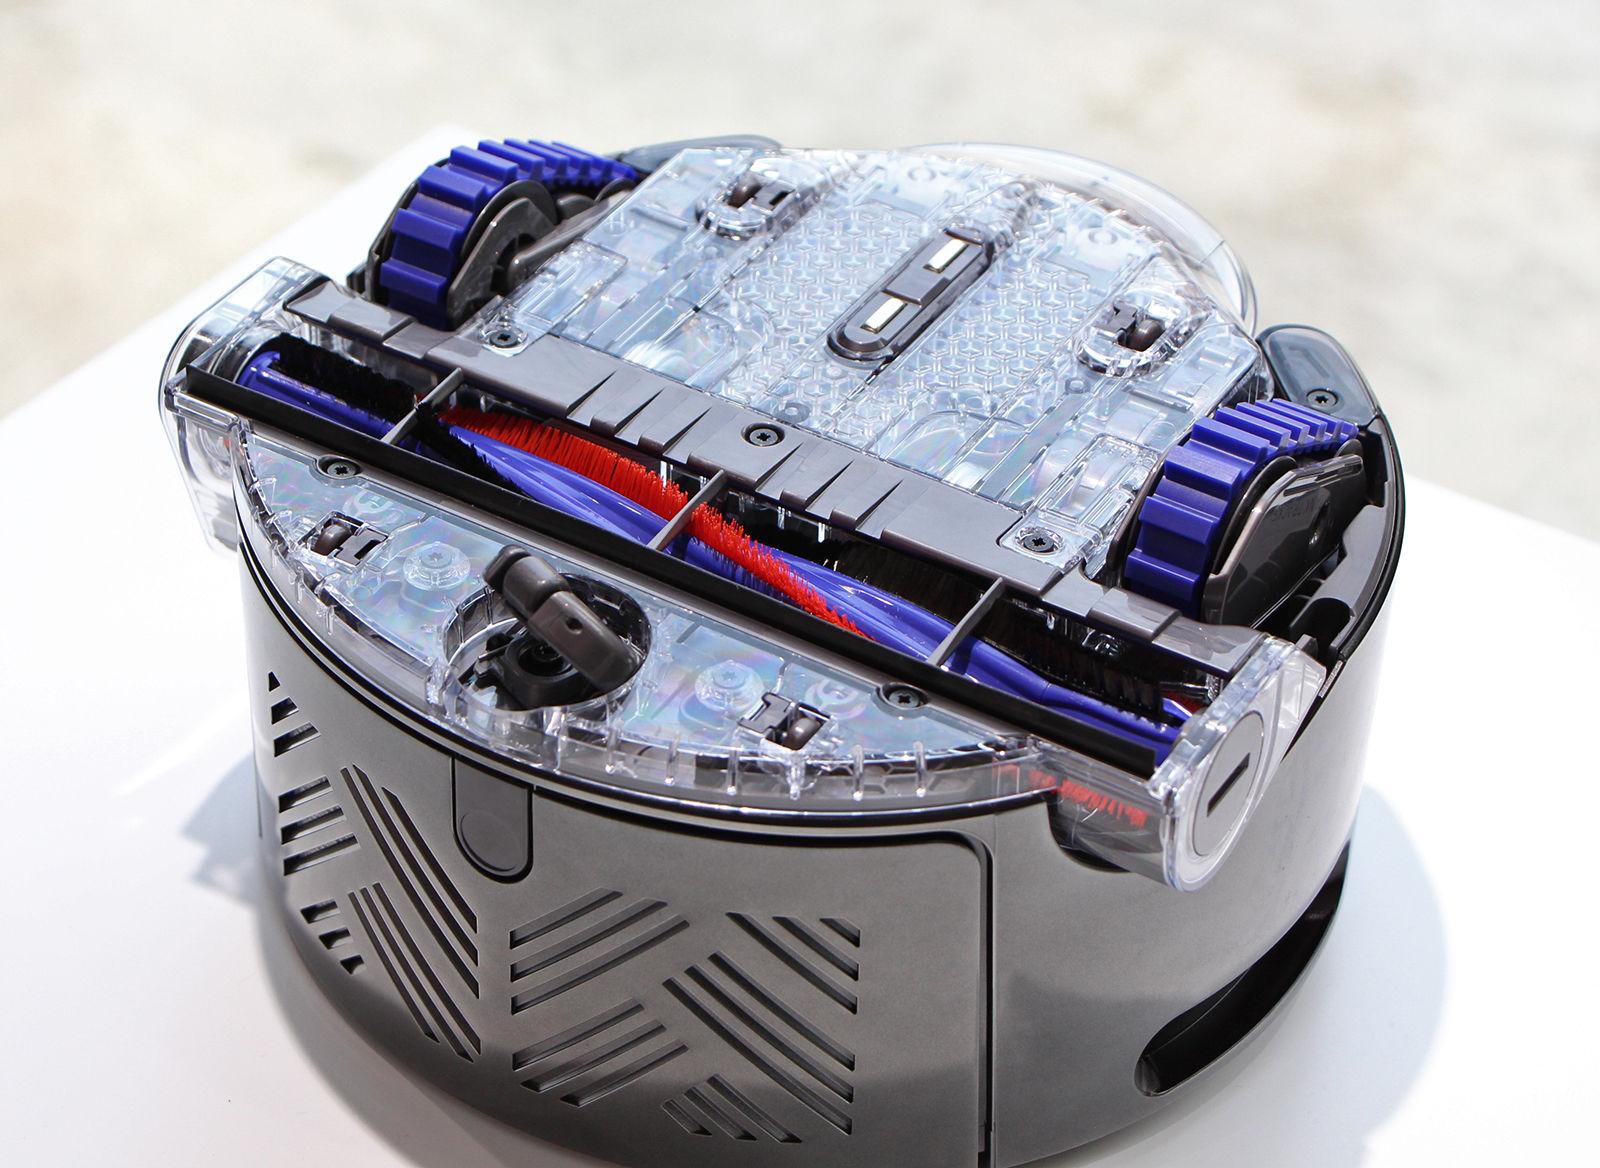 戴森 360 Eye 智能吸尘机器人体验 人工智能 第8张